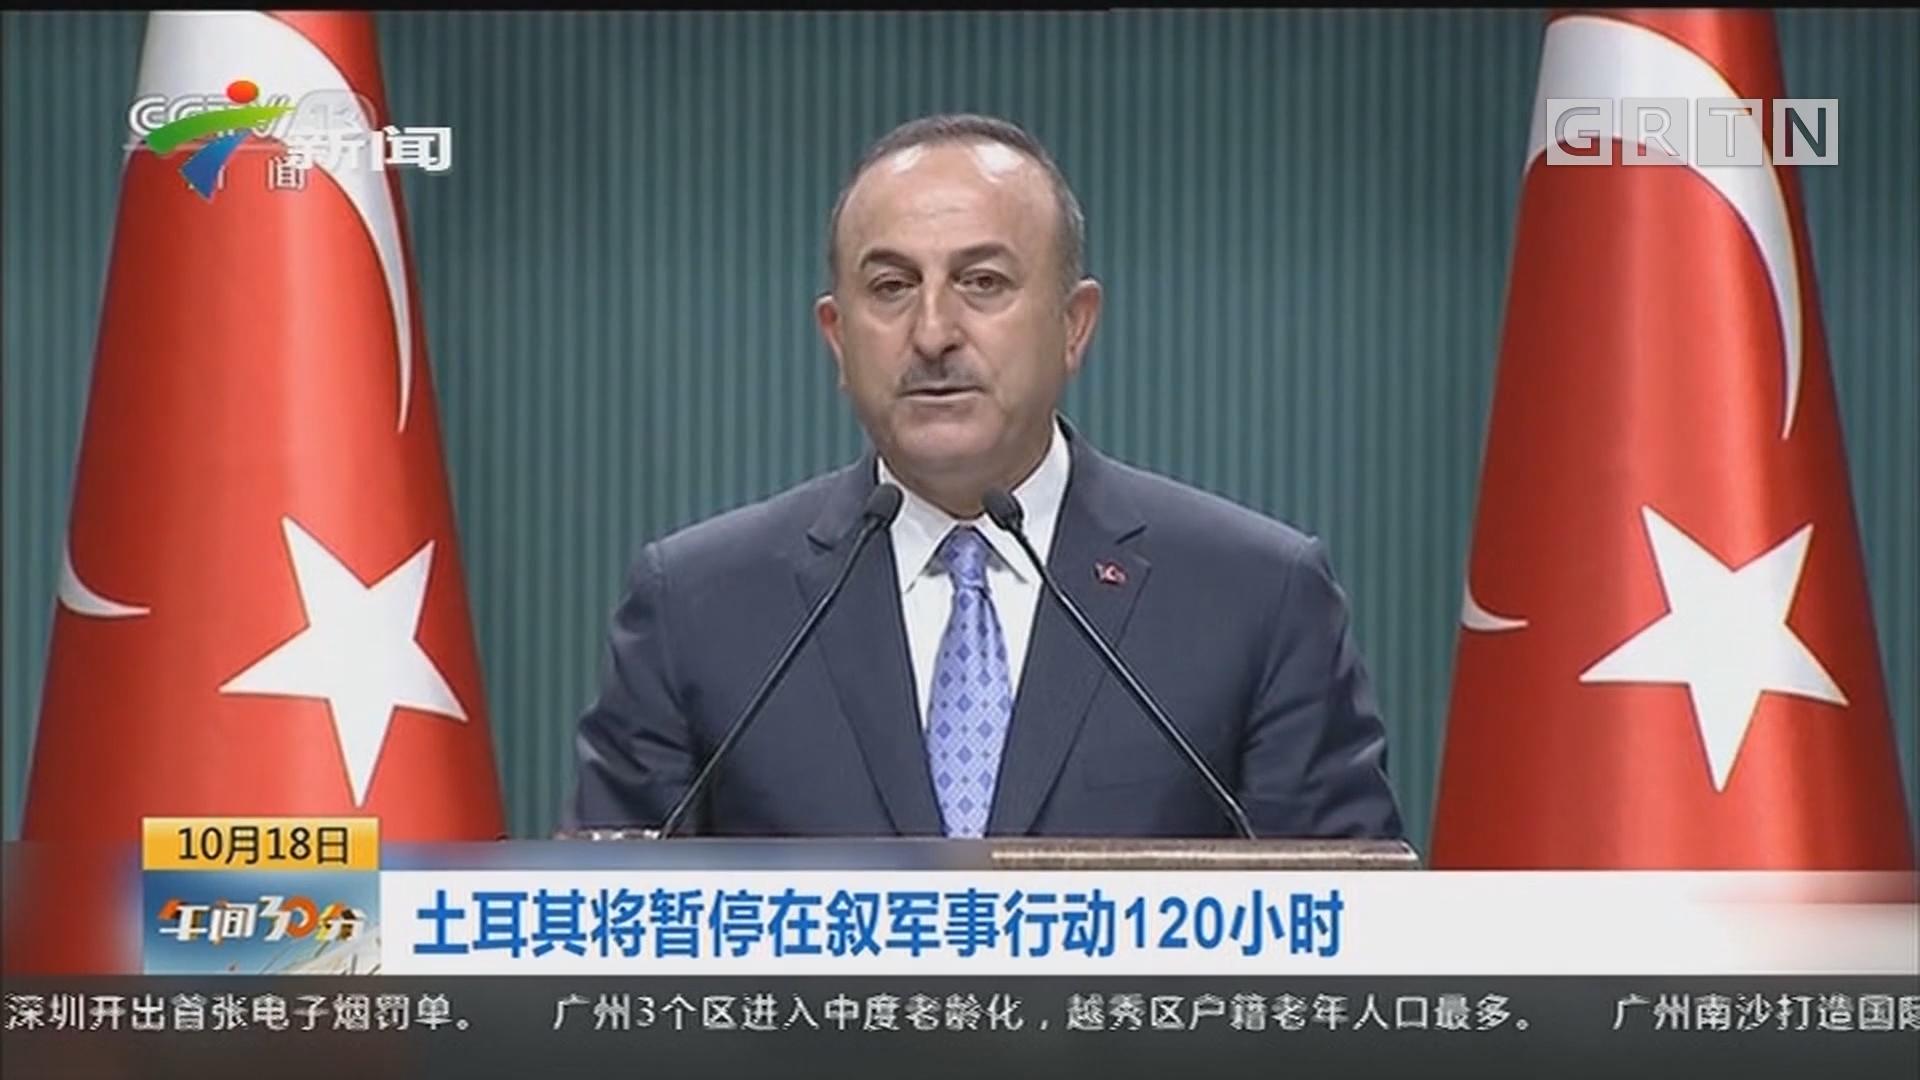 土耳其将暂停在叙军事行动120小时